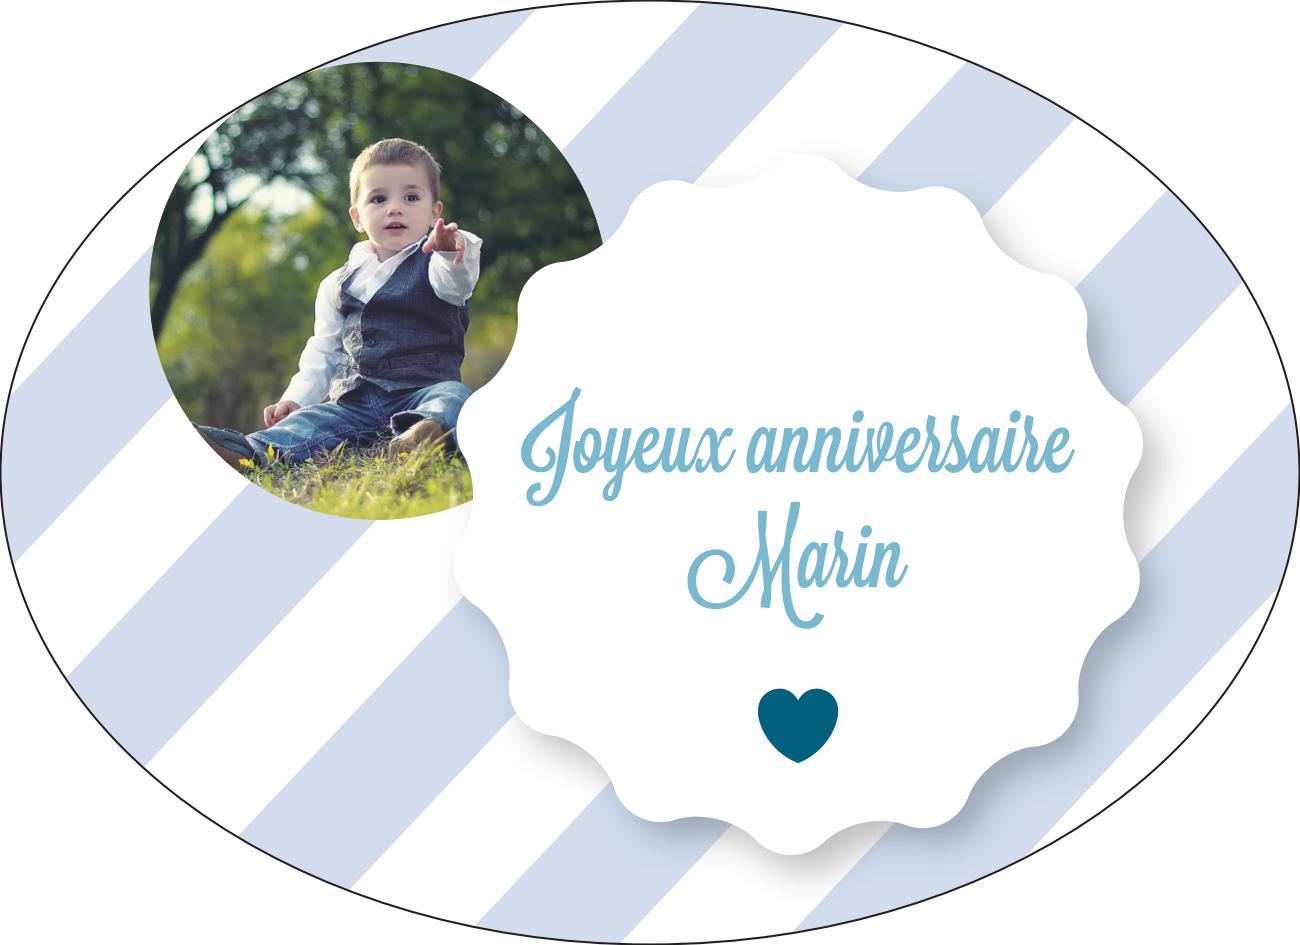 birthday-children-marin_has-image